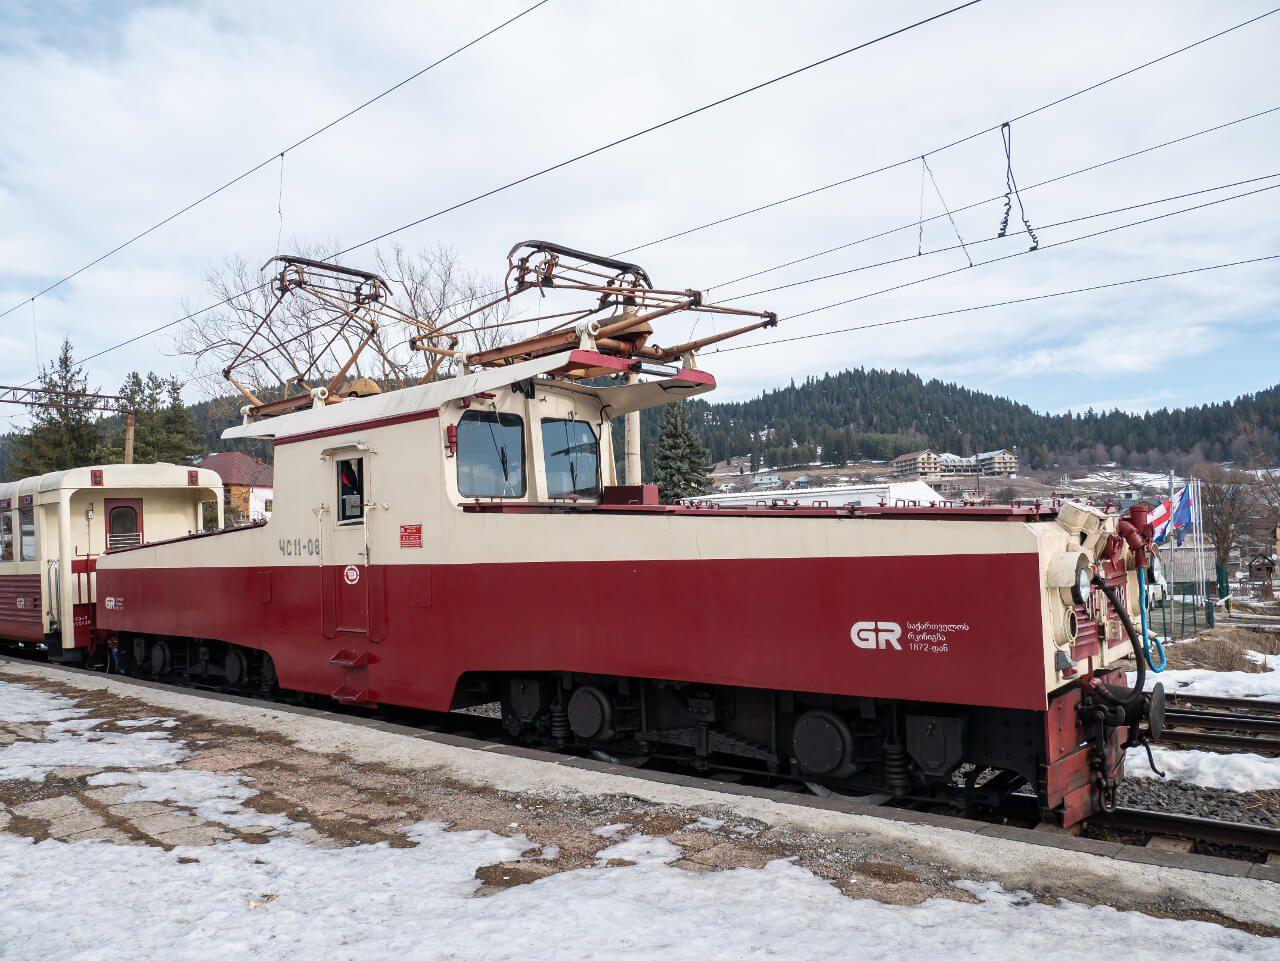 Widok na bok lokomotywy ЧС11 w Bakuriani